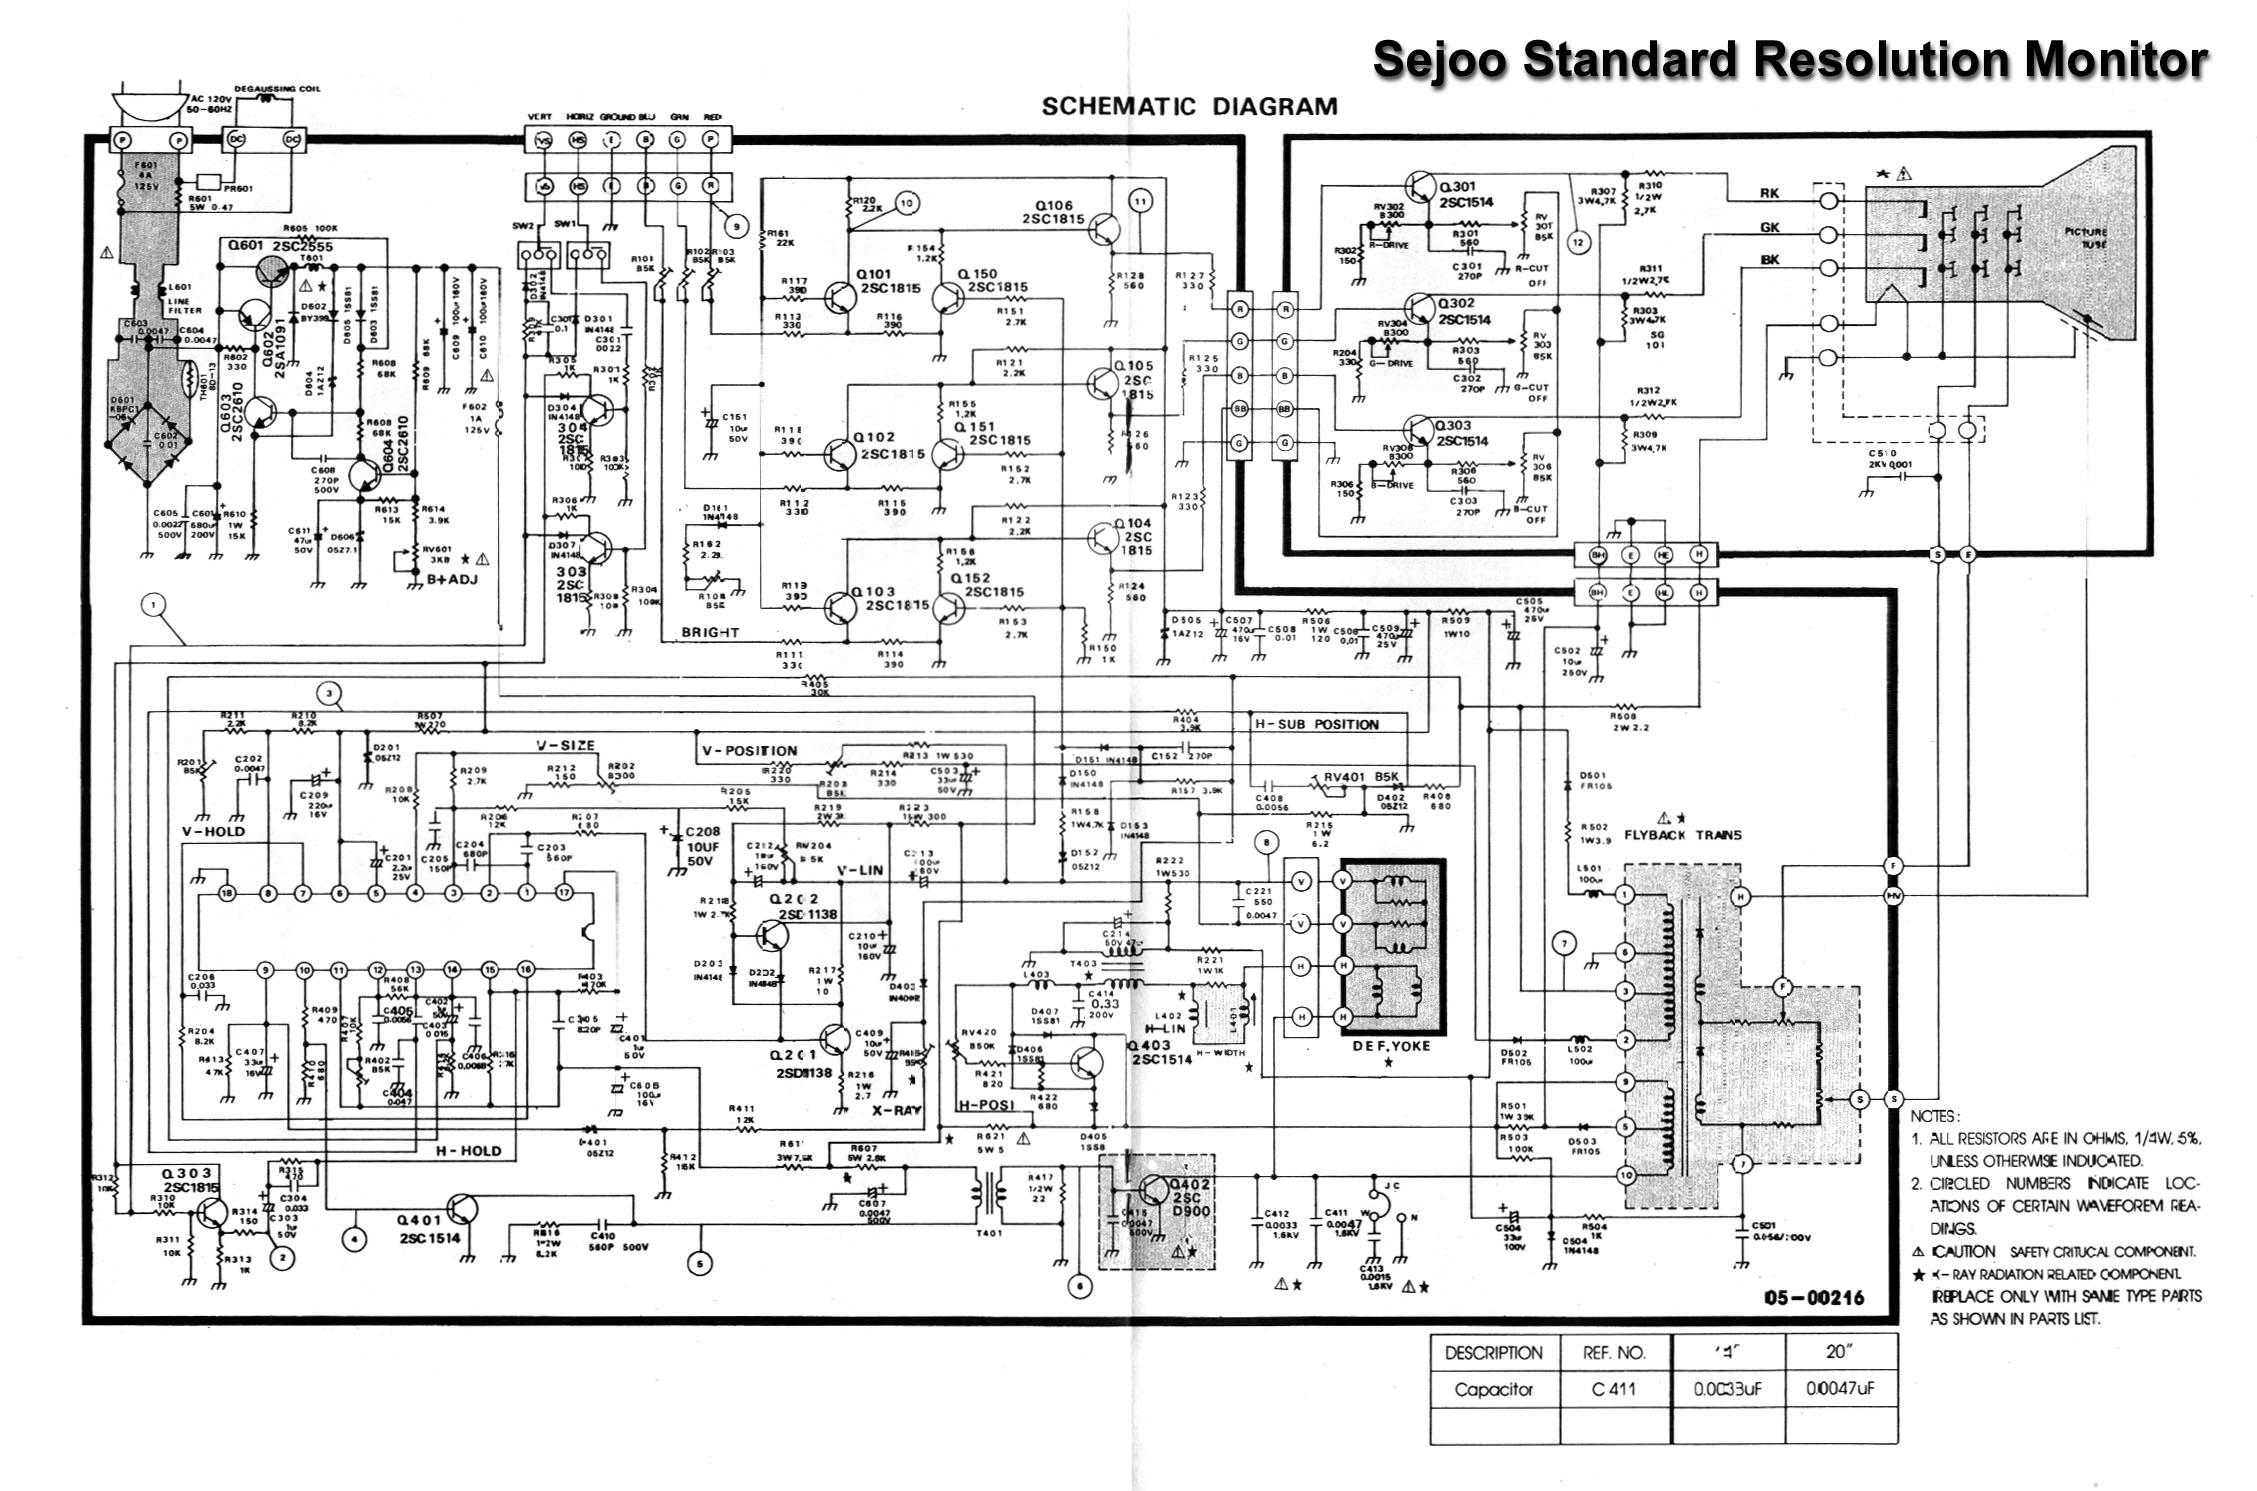 monochrome monitor schematics square monitor